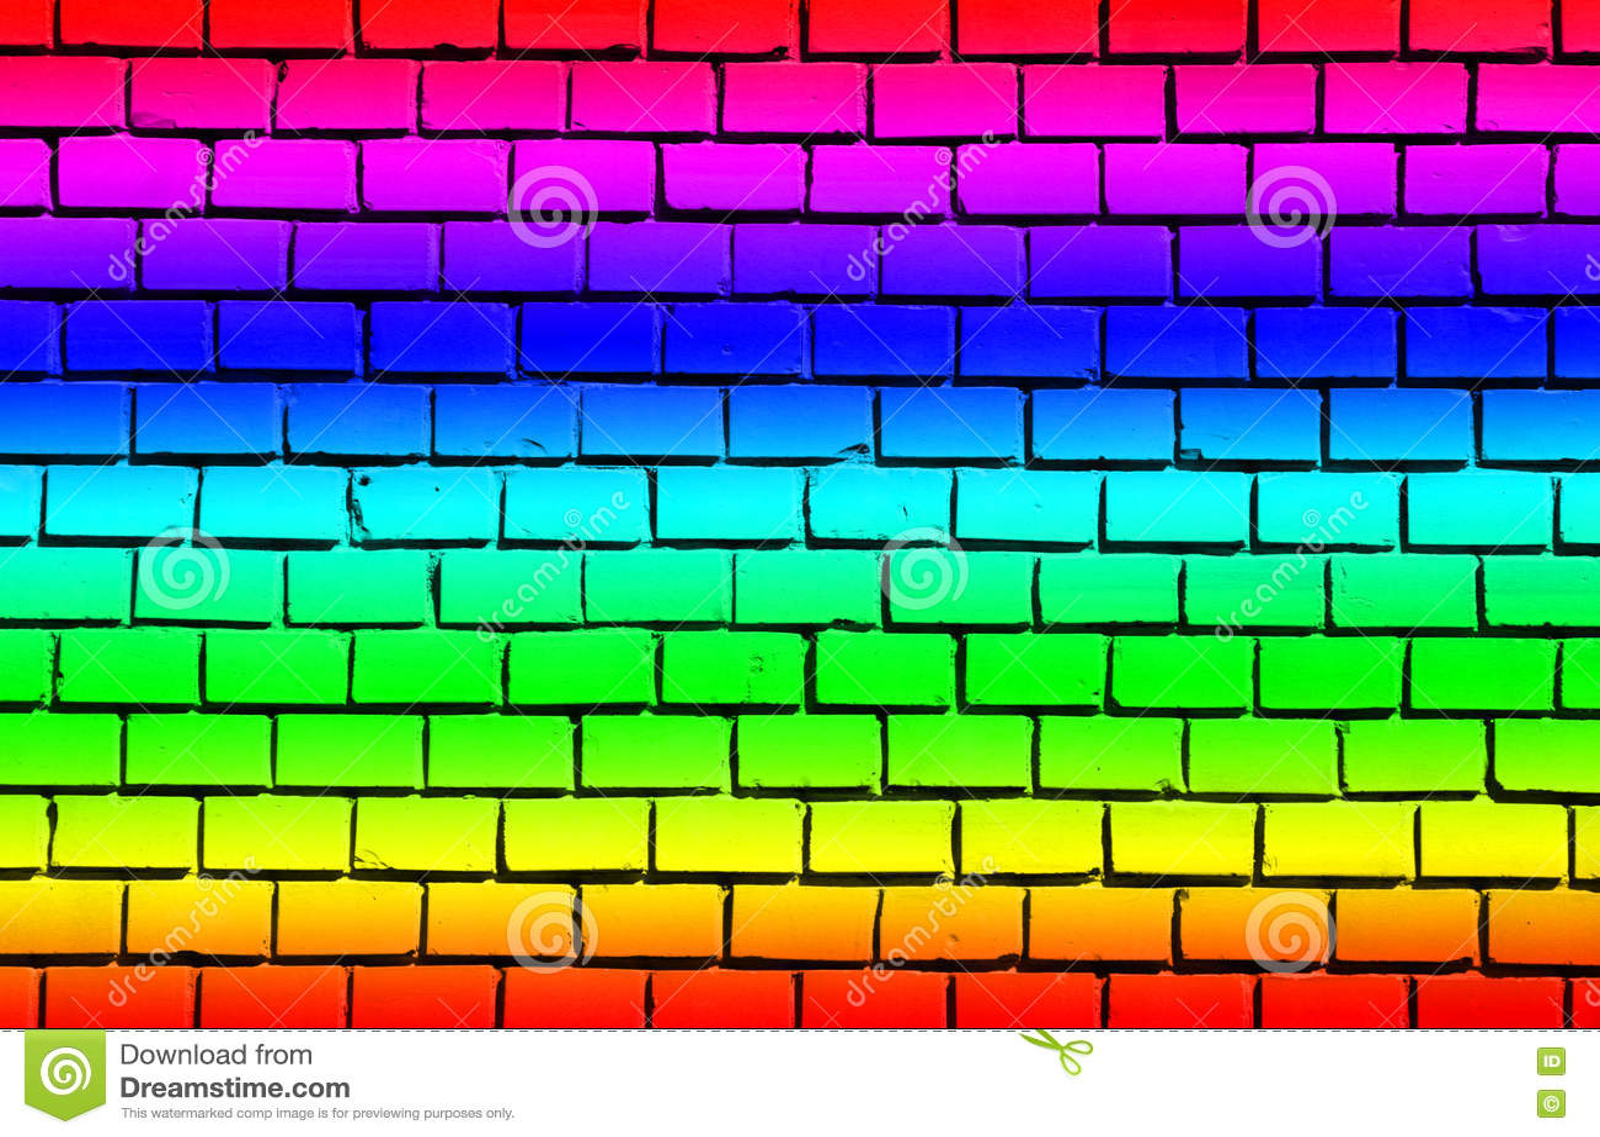 Pared de ladrillo con colores del arco iris imagen de - Ladrillos de colores ...